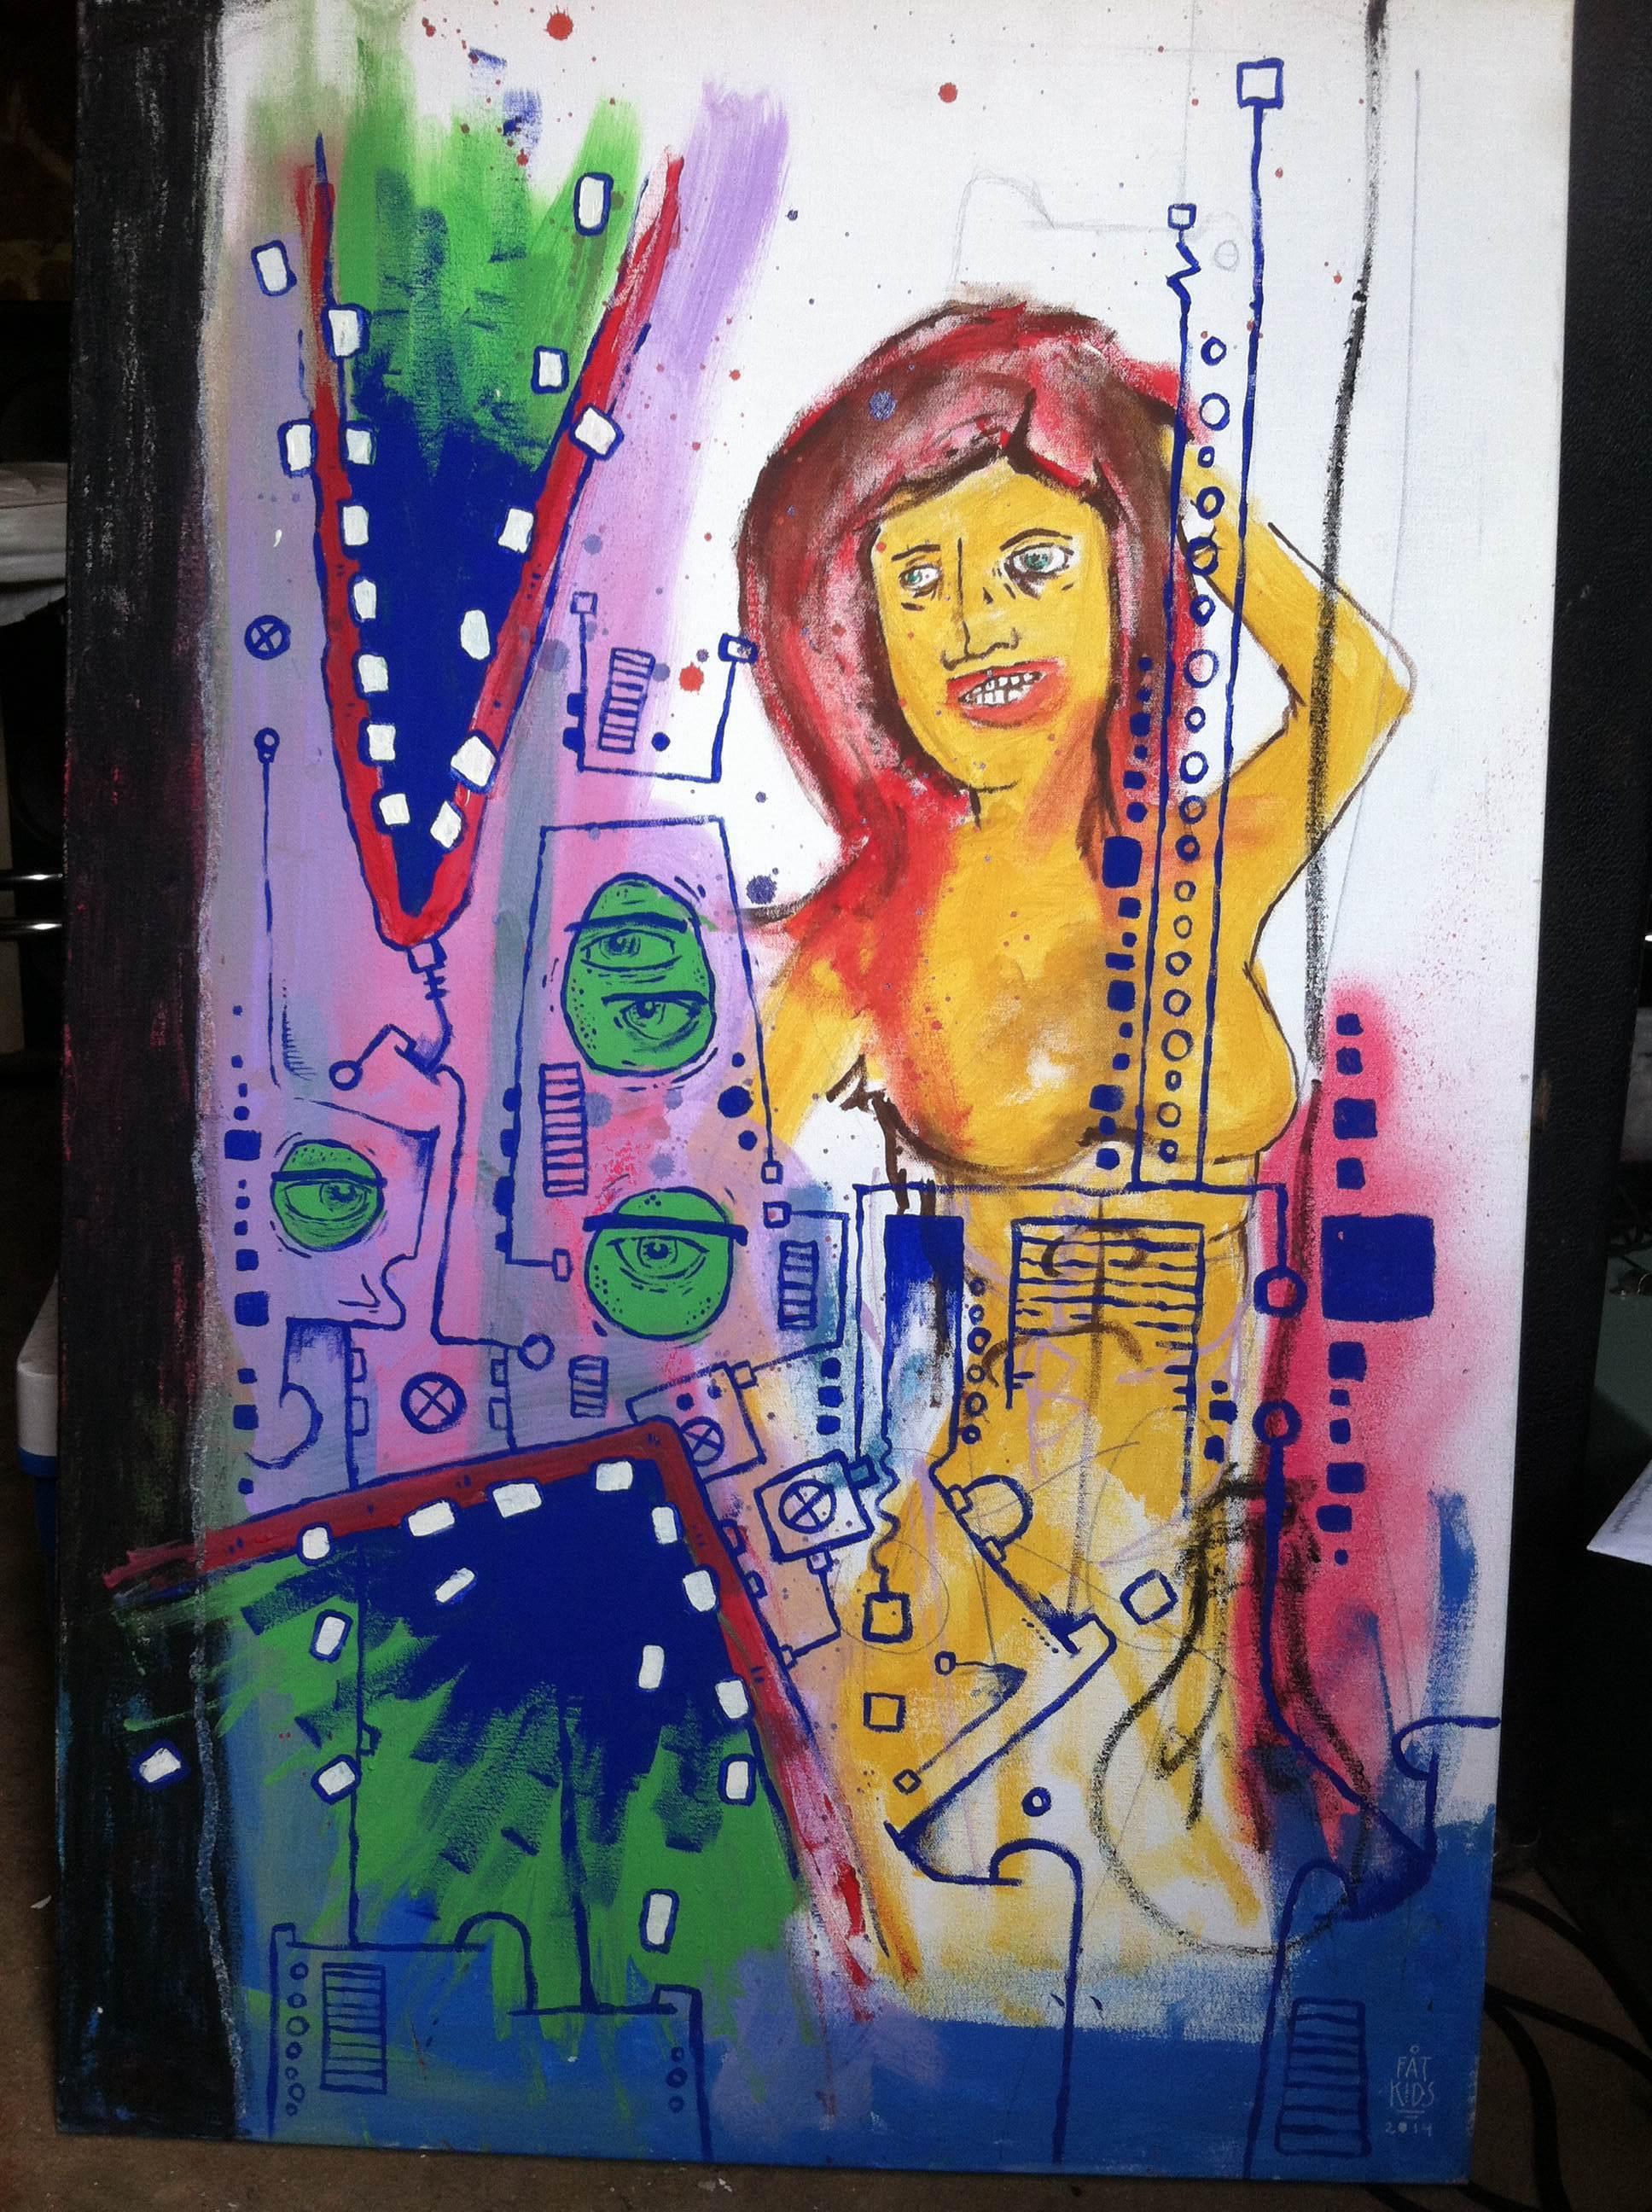 Mixed Media on Cardboard, 2013